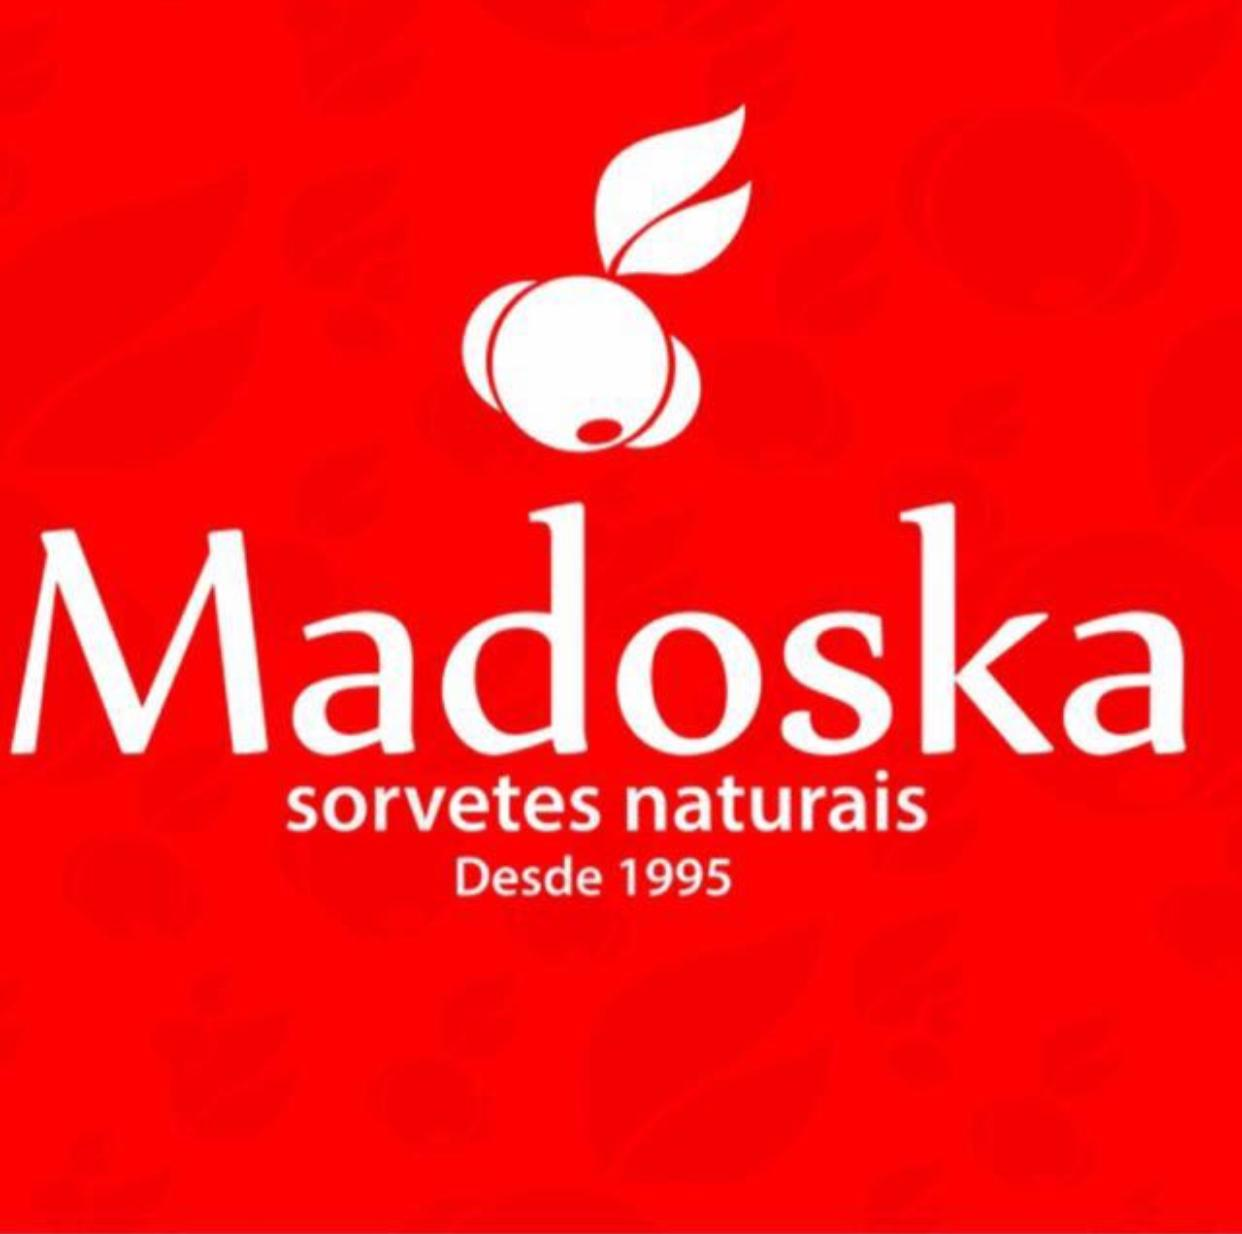 """IMG-20191125-WA0360-403x400 Sorveteria """"Madoska"""" será inaugurada nesta sexta-feira (29) em Monteiro"""